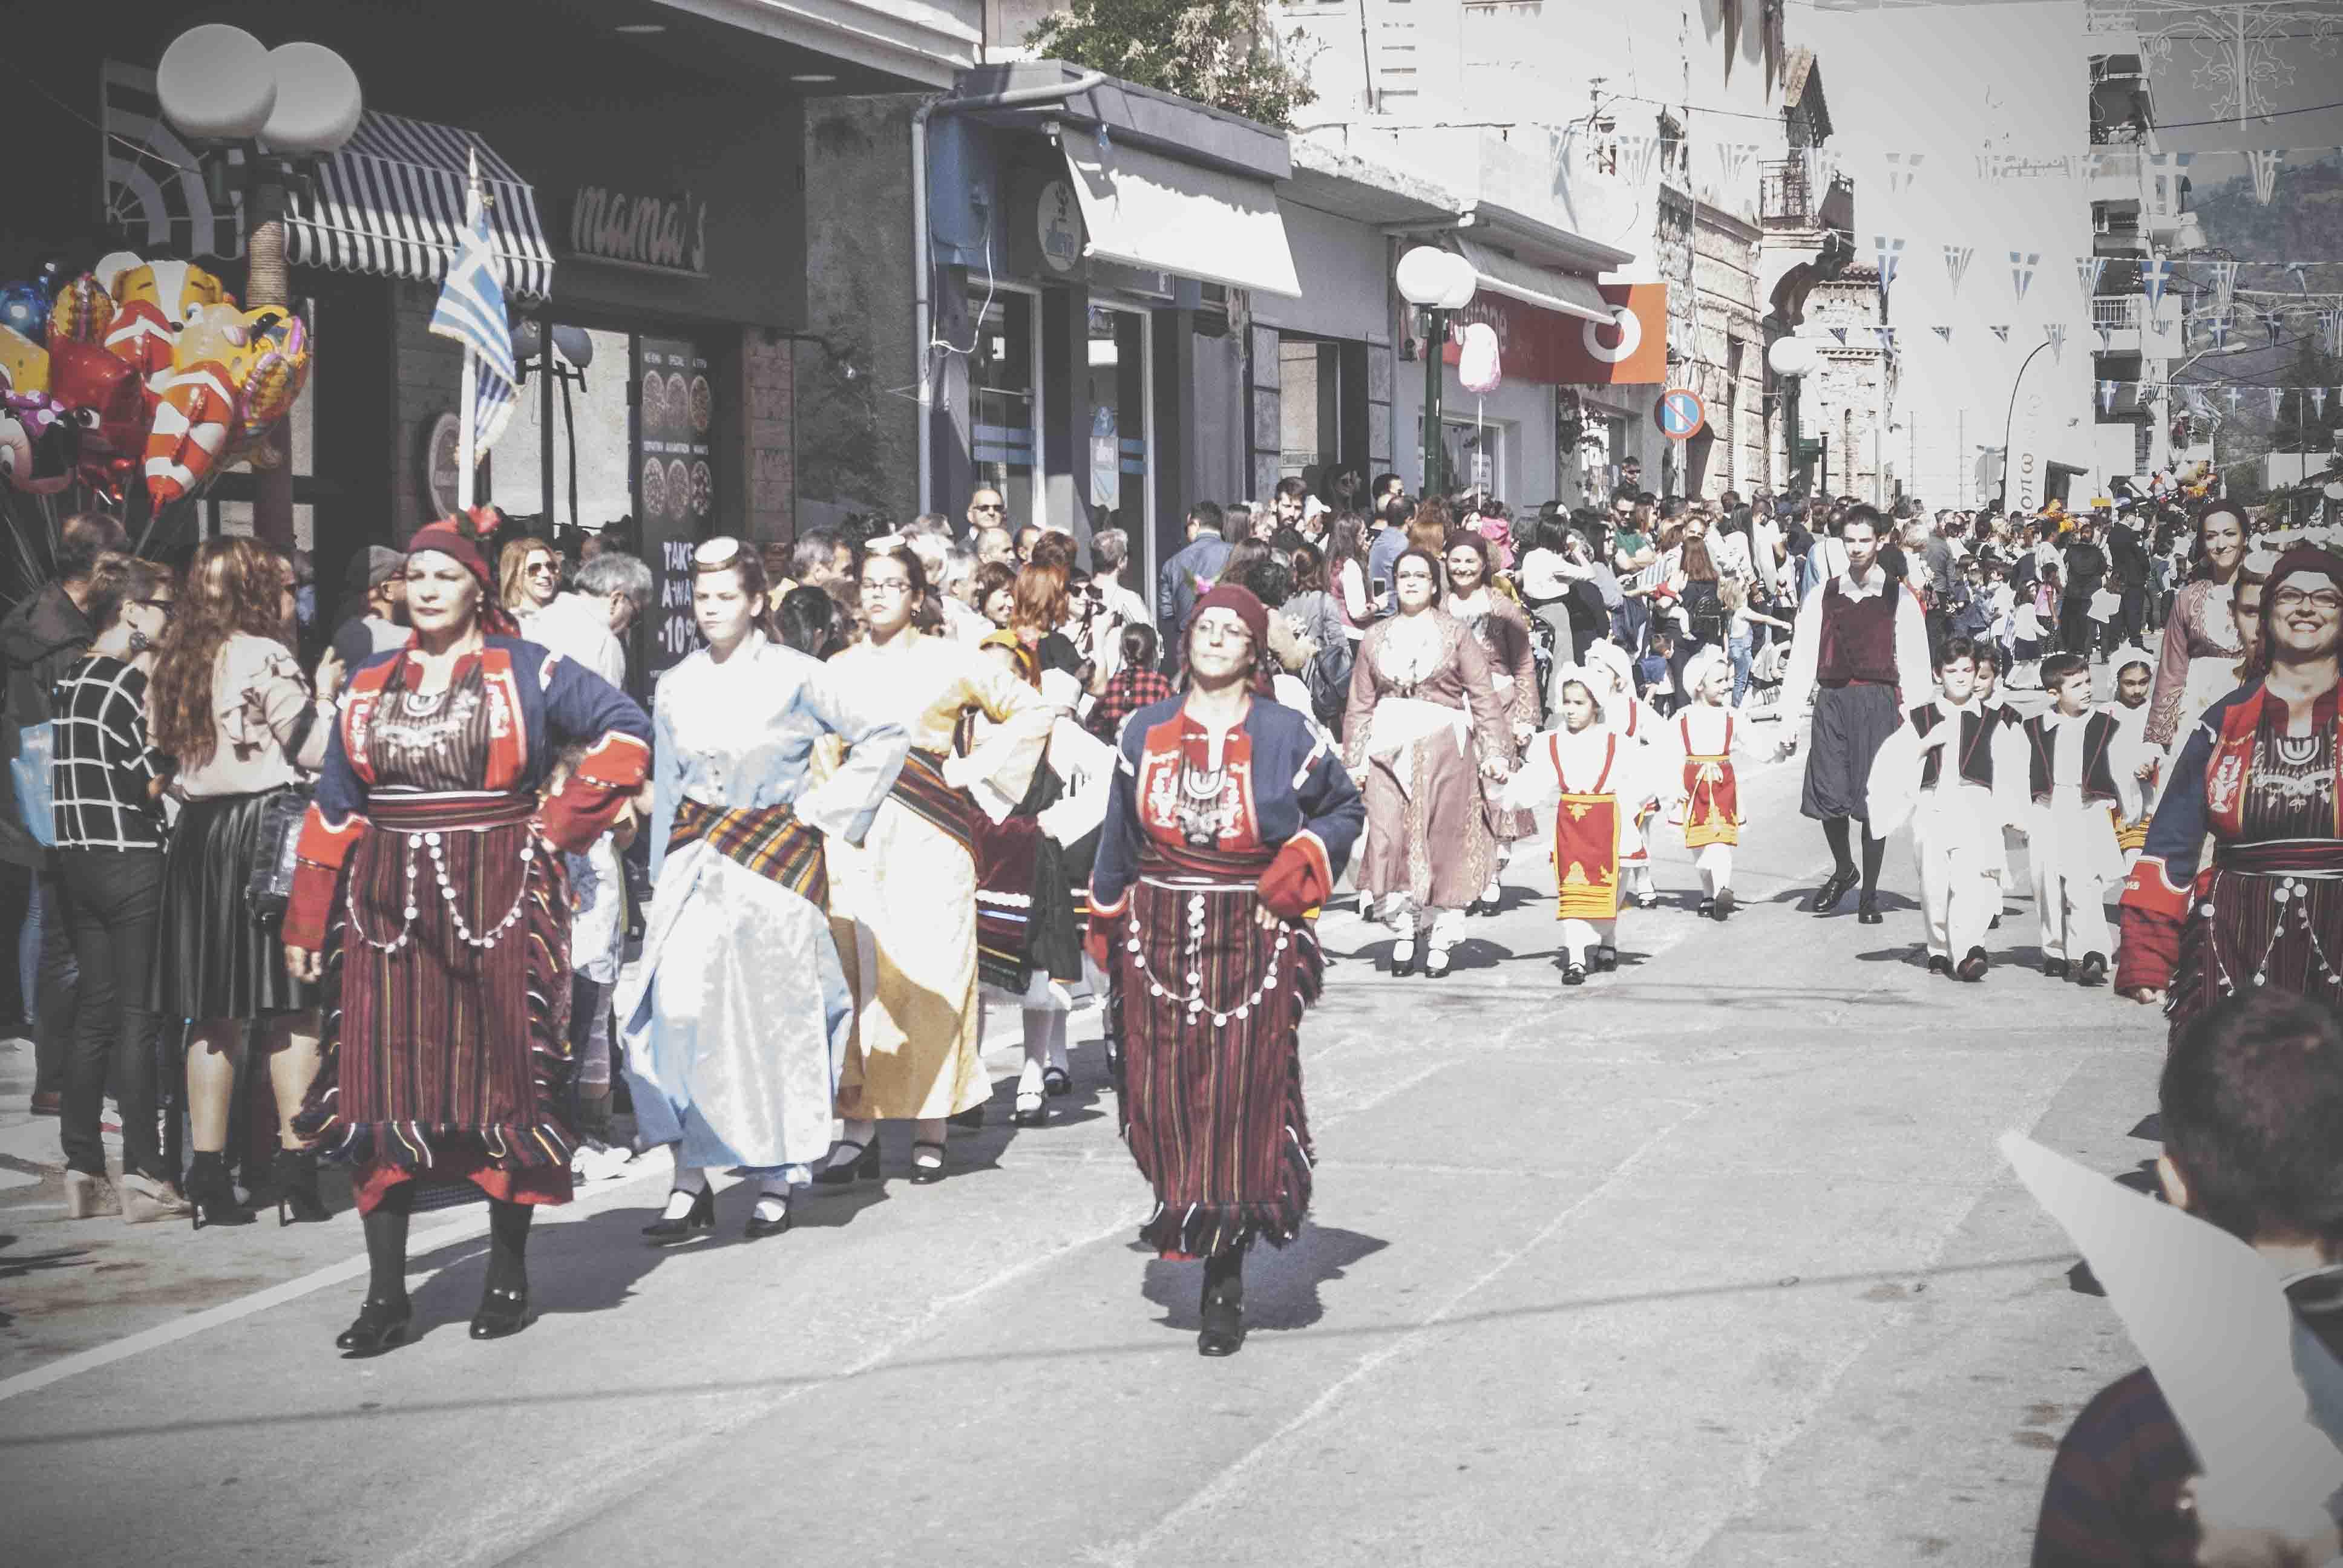 Φωτογραφικό υλικό από την παρέλαση στα Ψαχνά Φωτογραφικό υλικό από την παρέλαση στα Ψαχνά DSC 0331